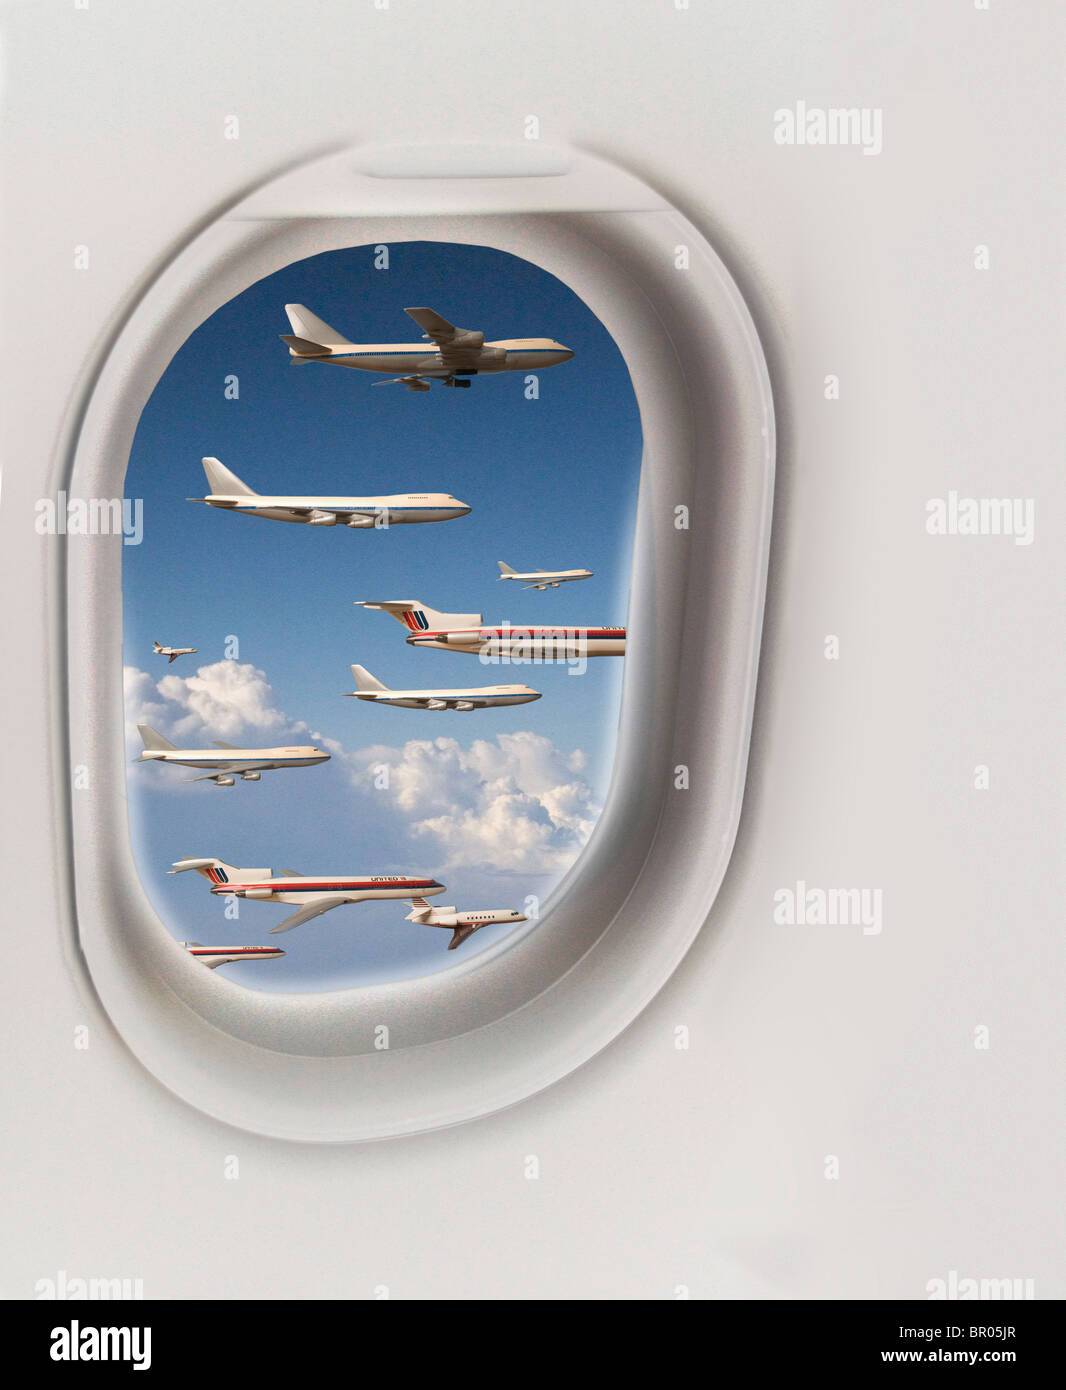 Molti aerei visualizzati al di fuori del finestrino di cabina Immagini Stock